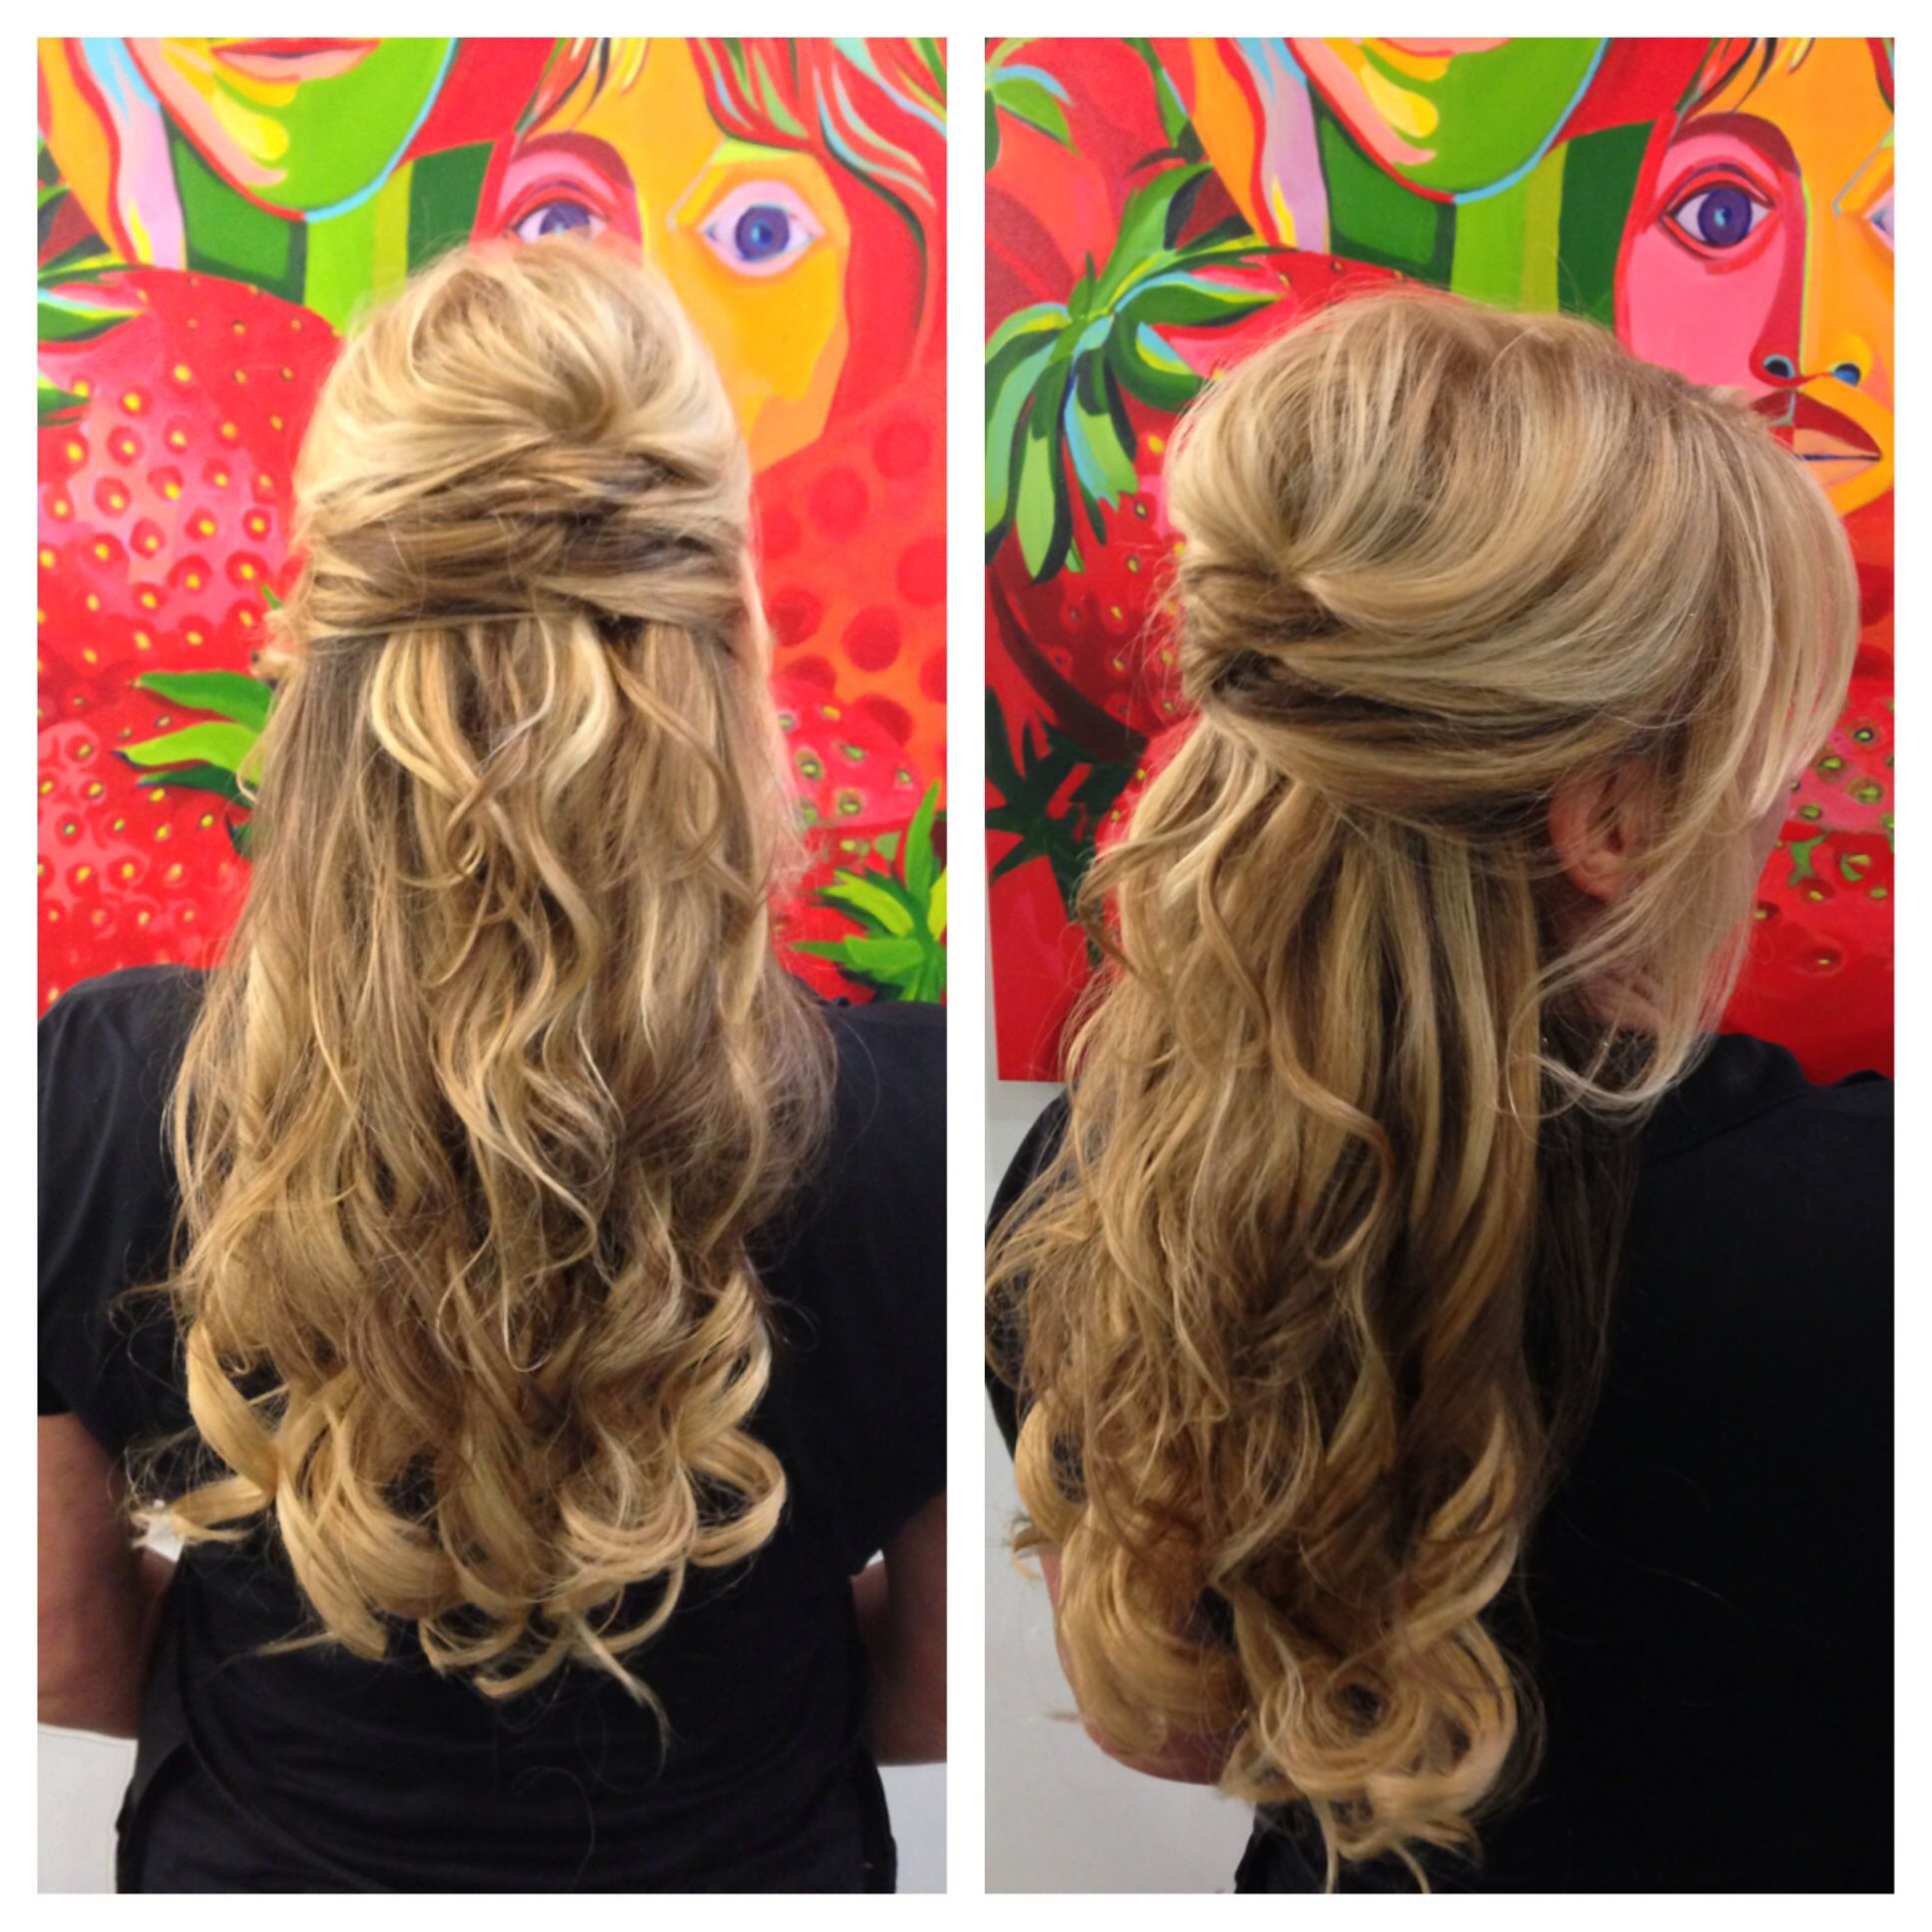 Half up half down Hair by Samantha Seider Instagram